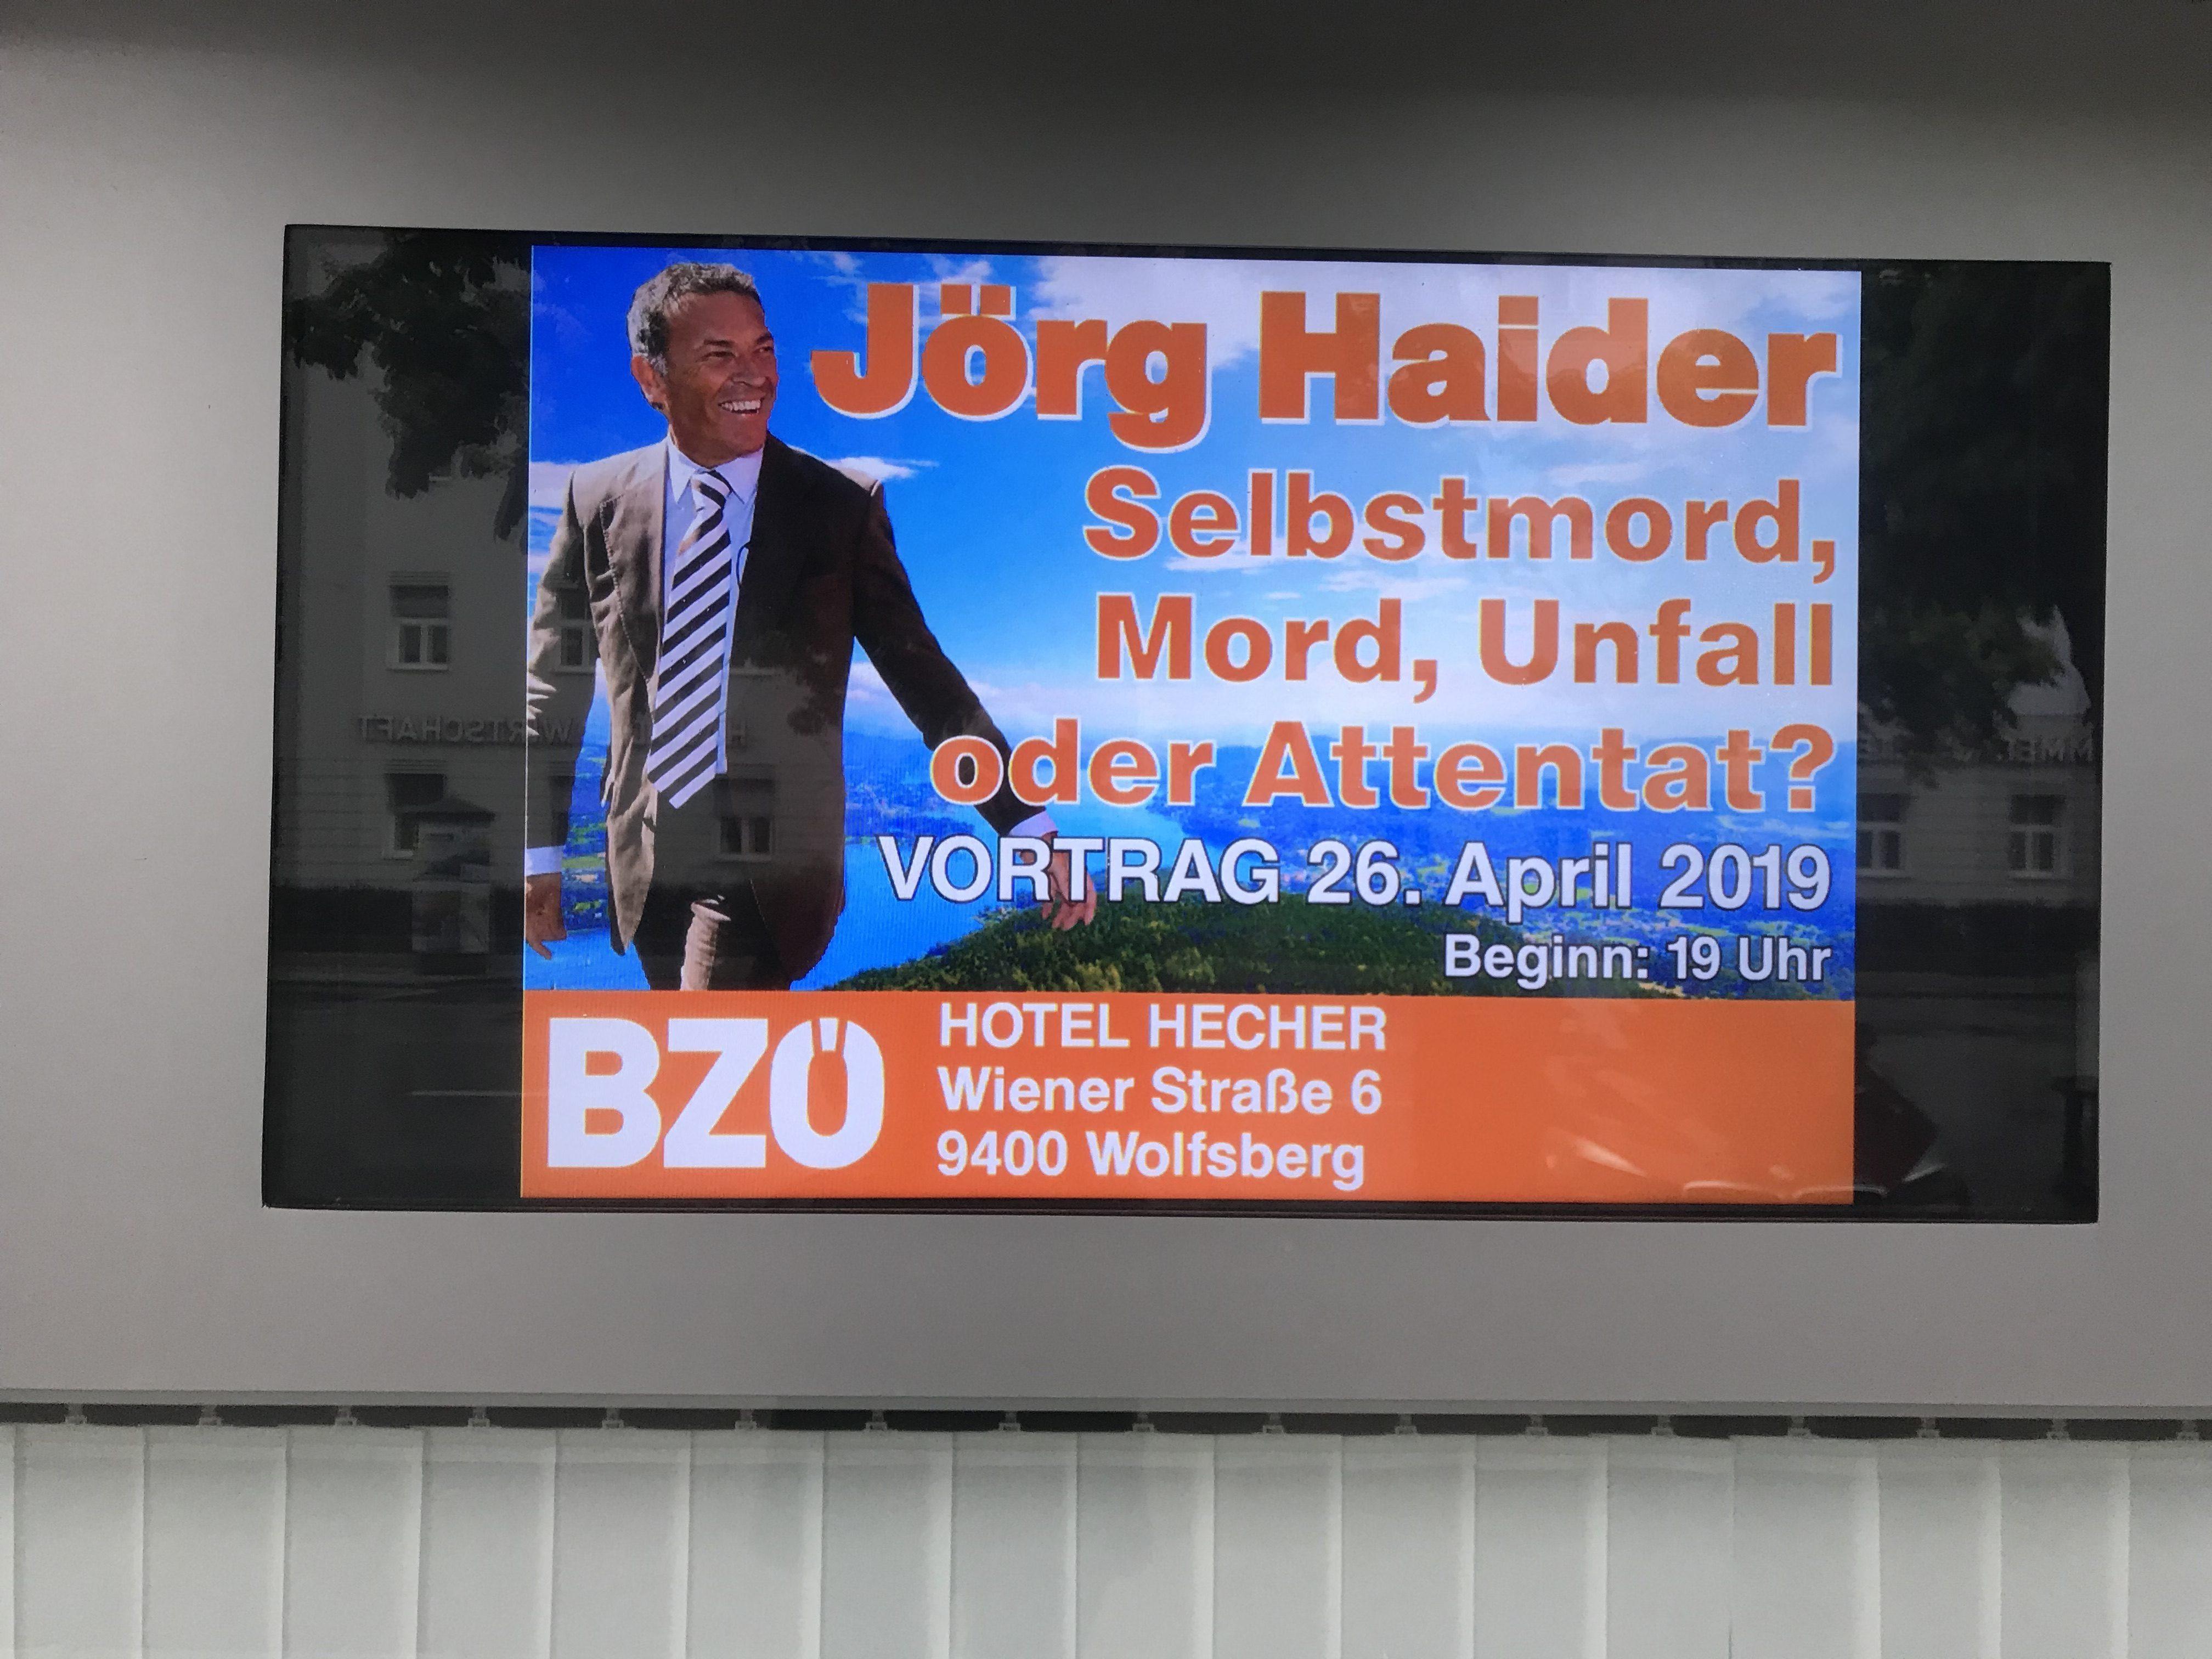 BZÖ-Vortrag: Jörg Haider – Selbstmord, Mord, Umfall oder Attentat